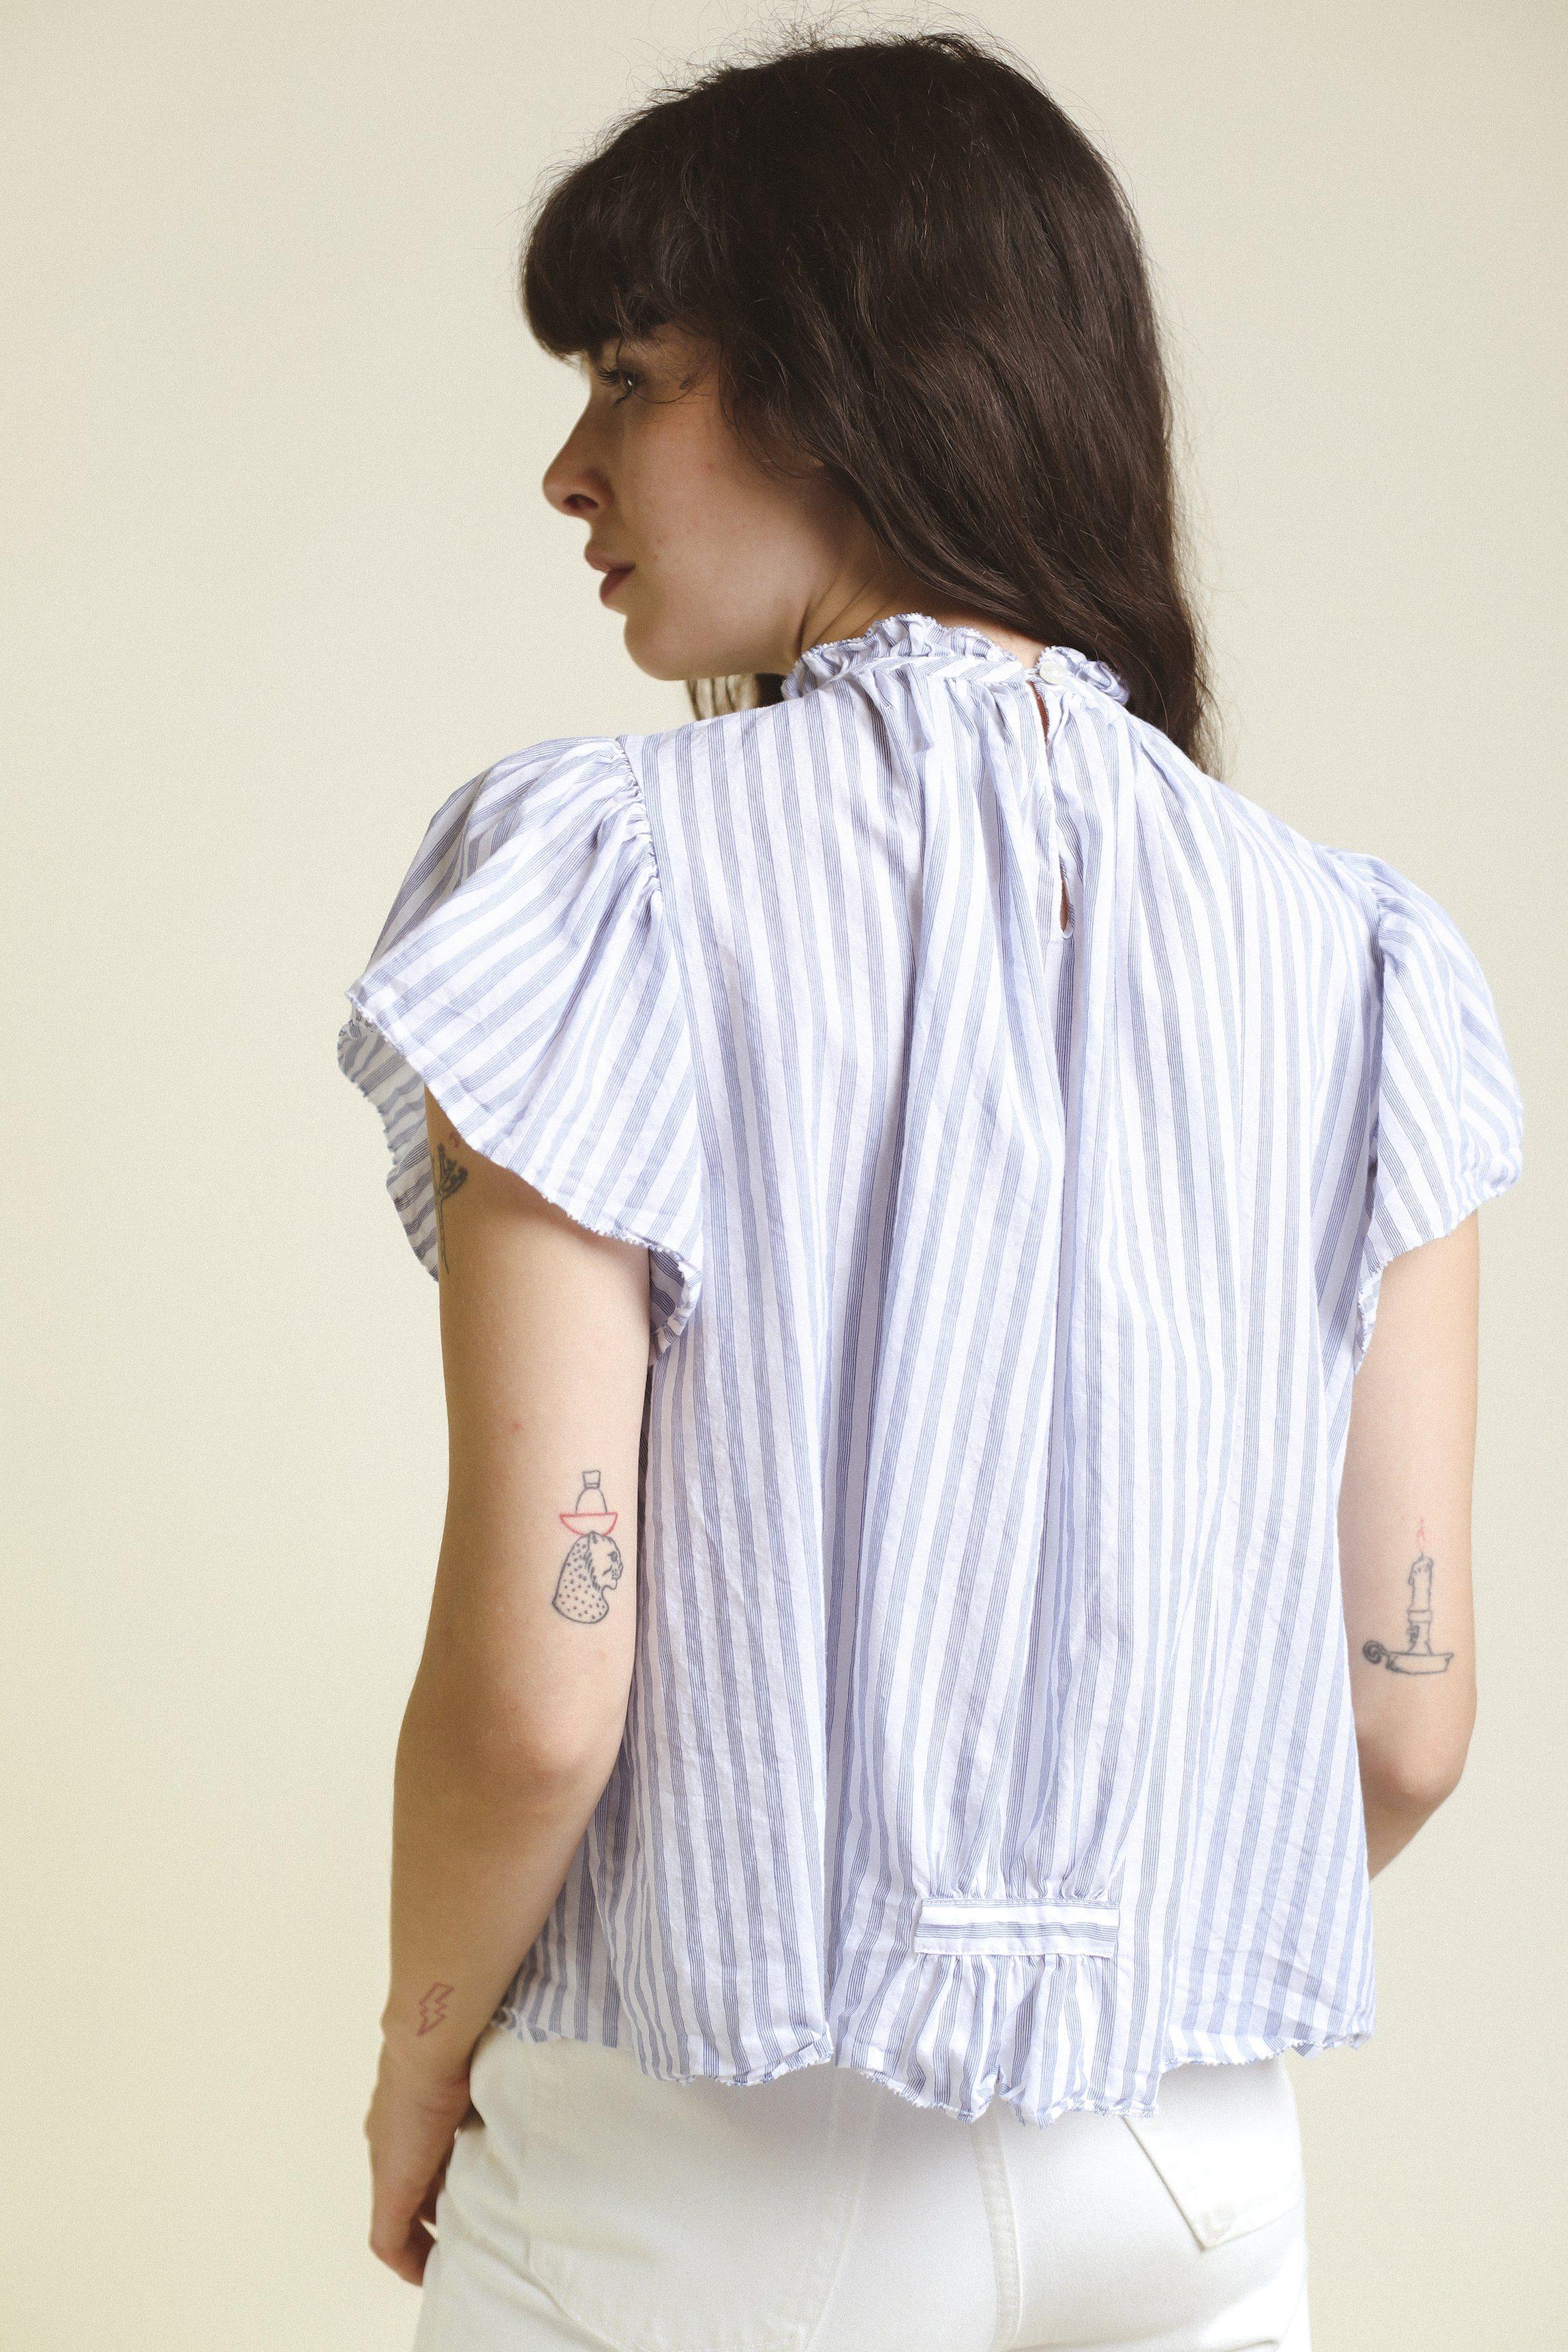 Carla Highneck Shirt WHITE/BLUE STRIPE by Trovata - 2